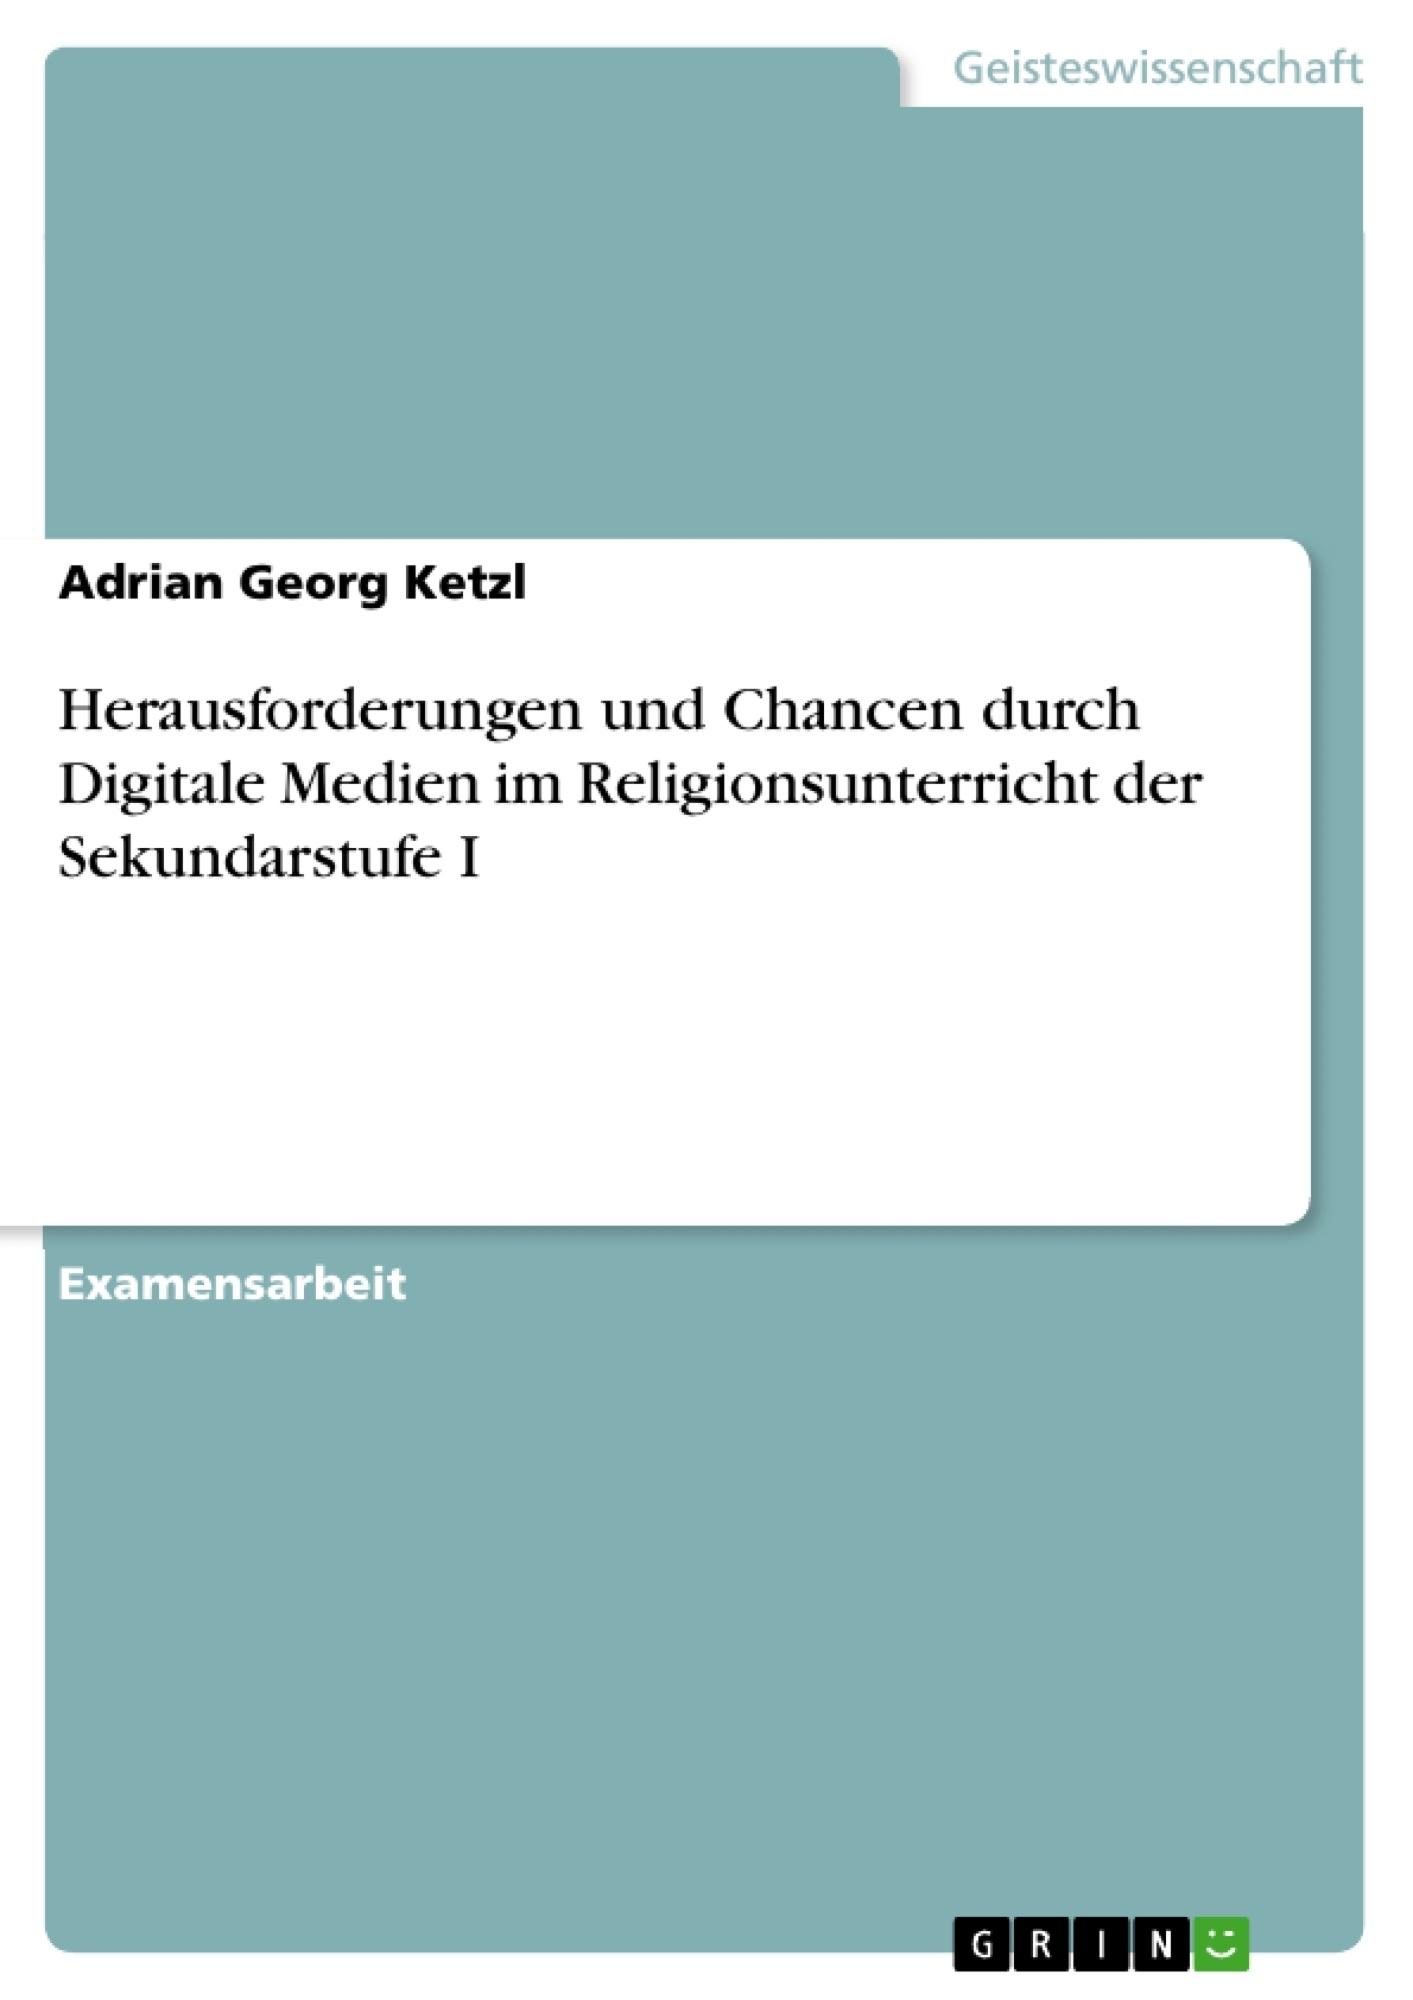 Titel: Herausforderungen und Chancen durch Digitale Medien im Religionsunterricht der Sekundarstufe I